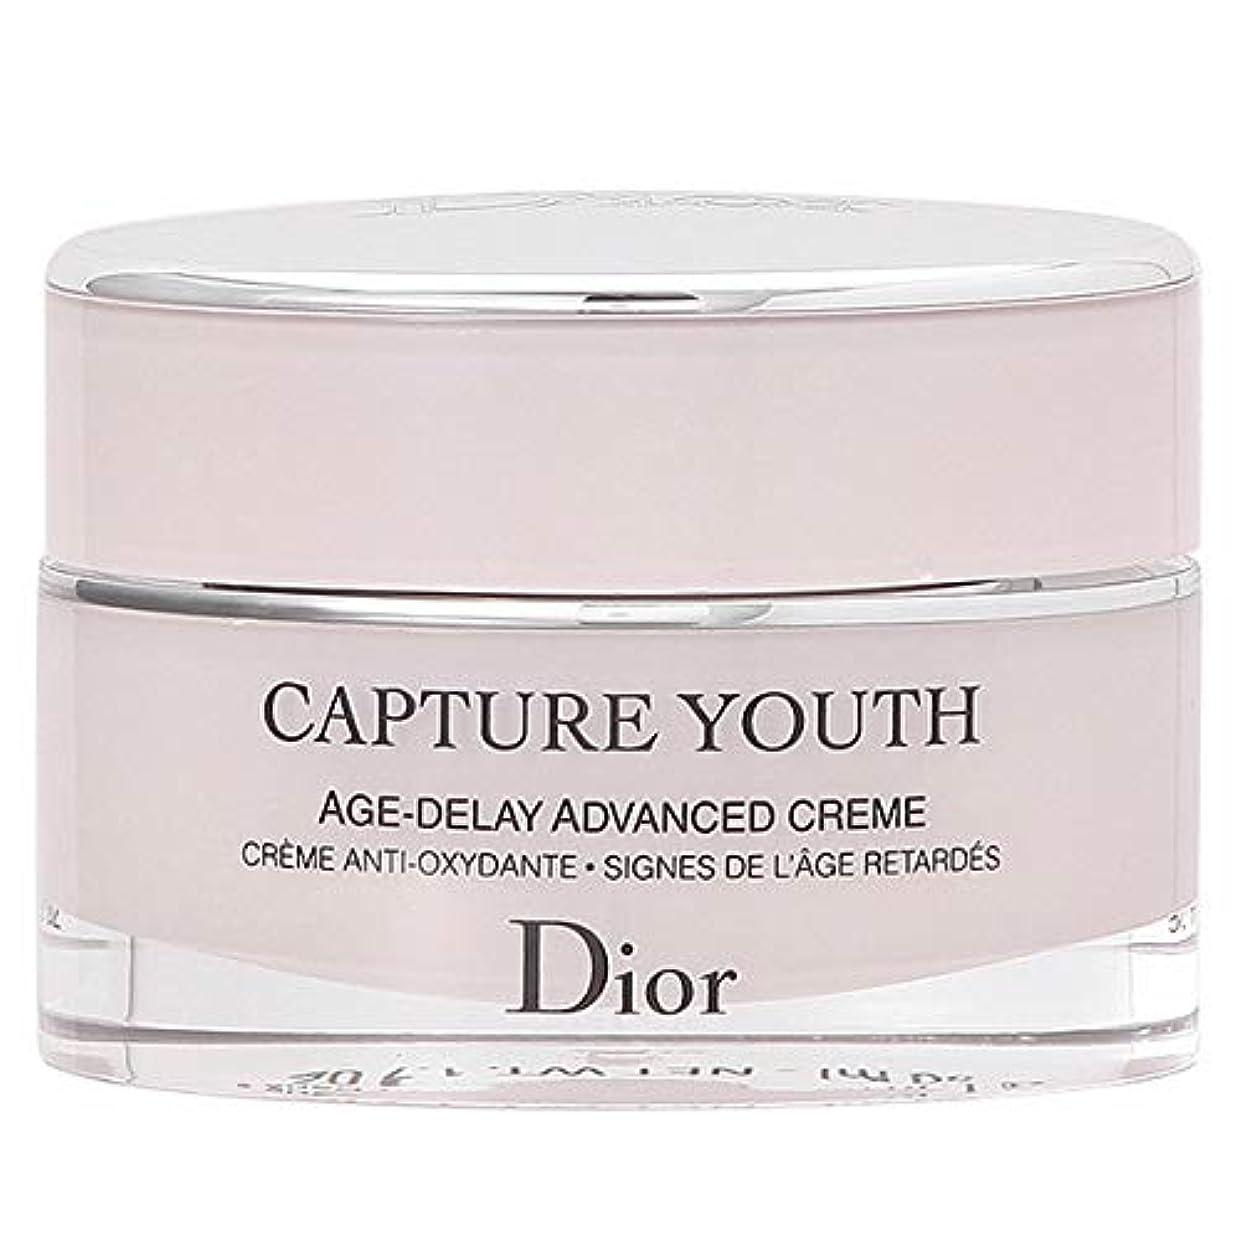 梨失うライドクリスチャンディオール Christian Dior カプチュール ユース 50mL [並行輸入品]